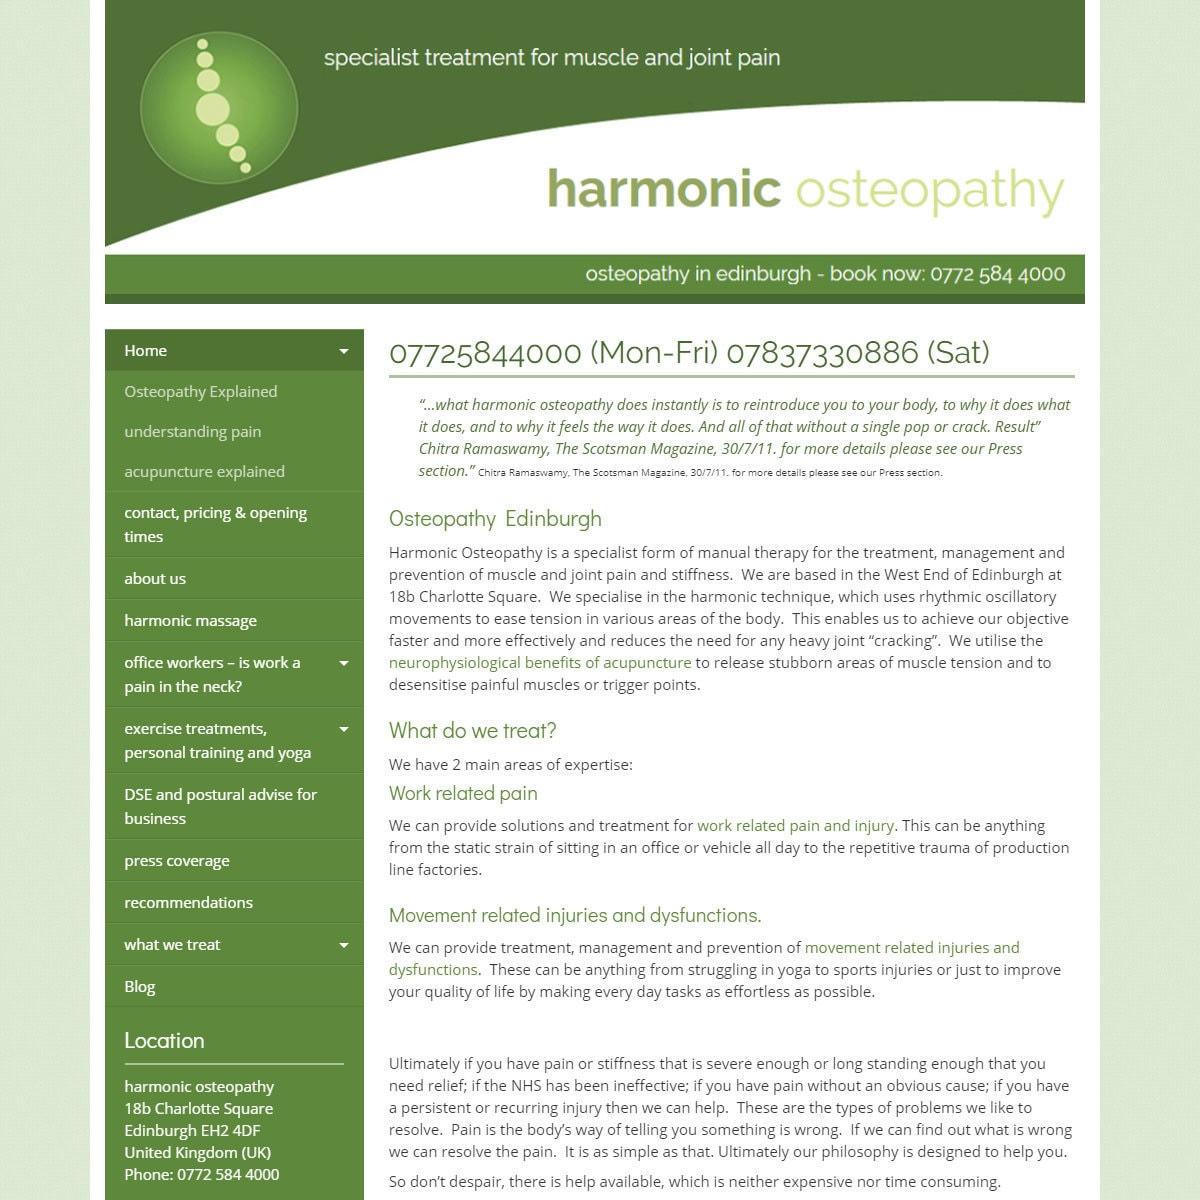 harmonicosteopathy